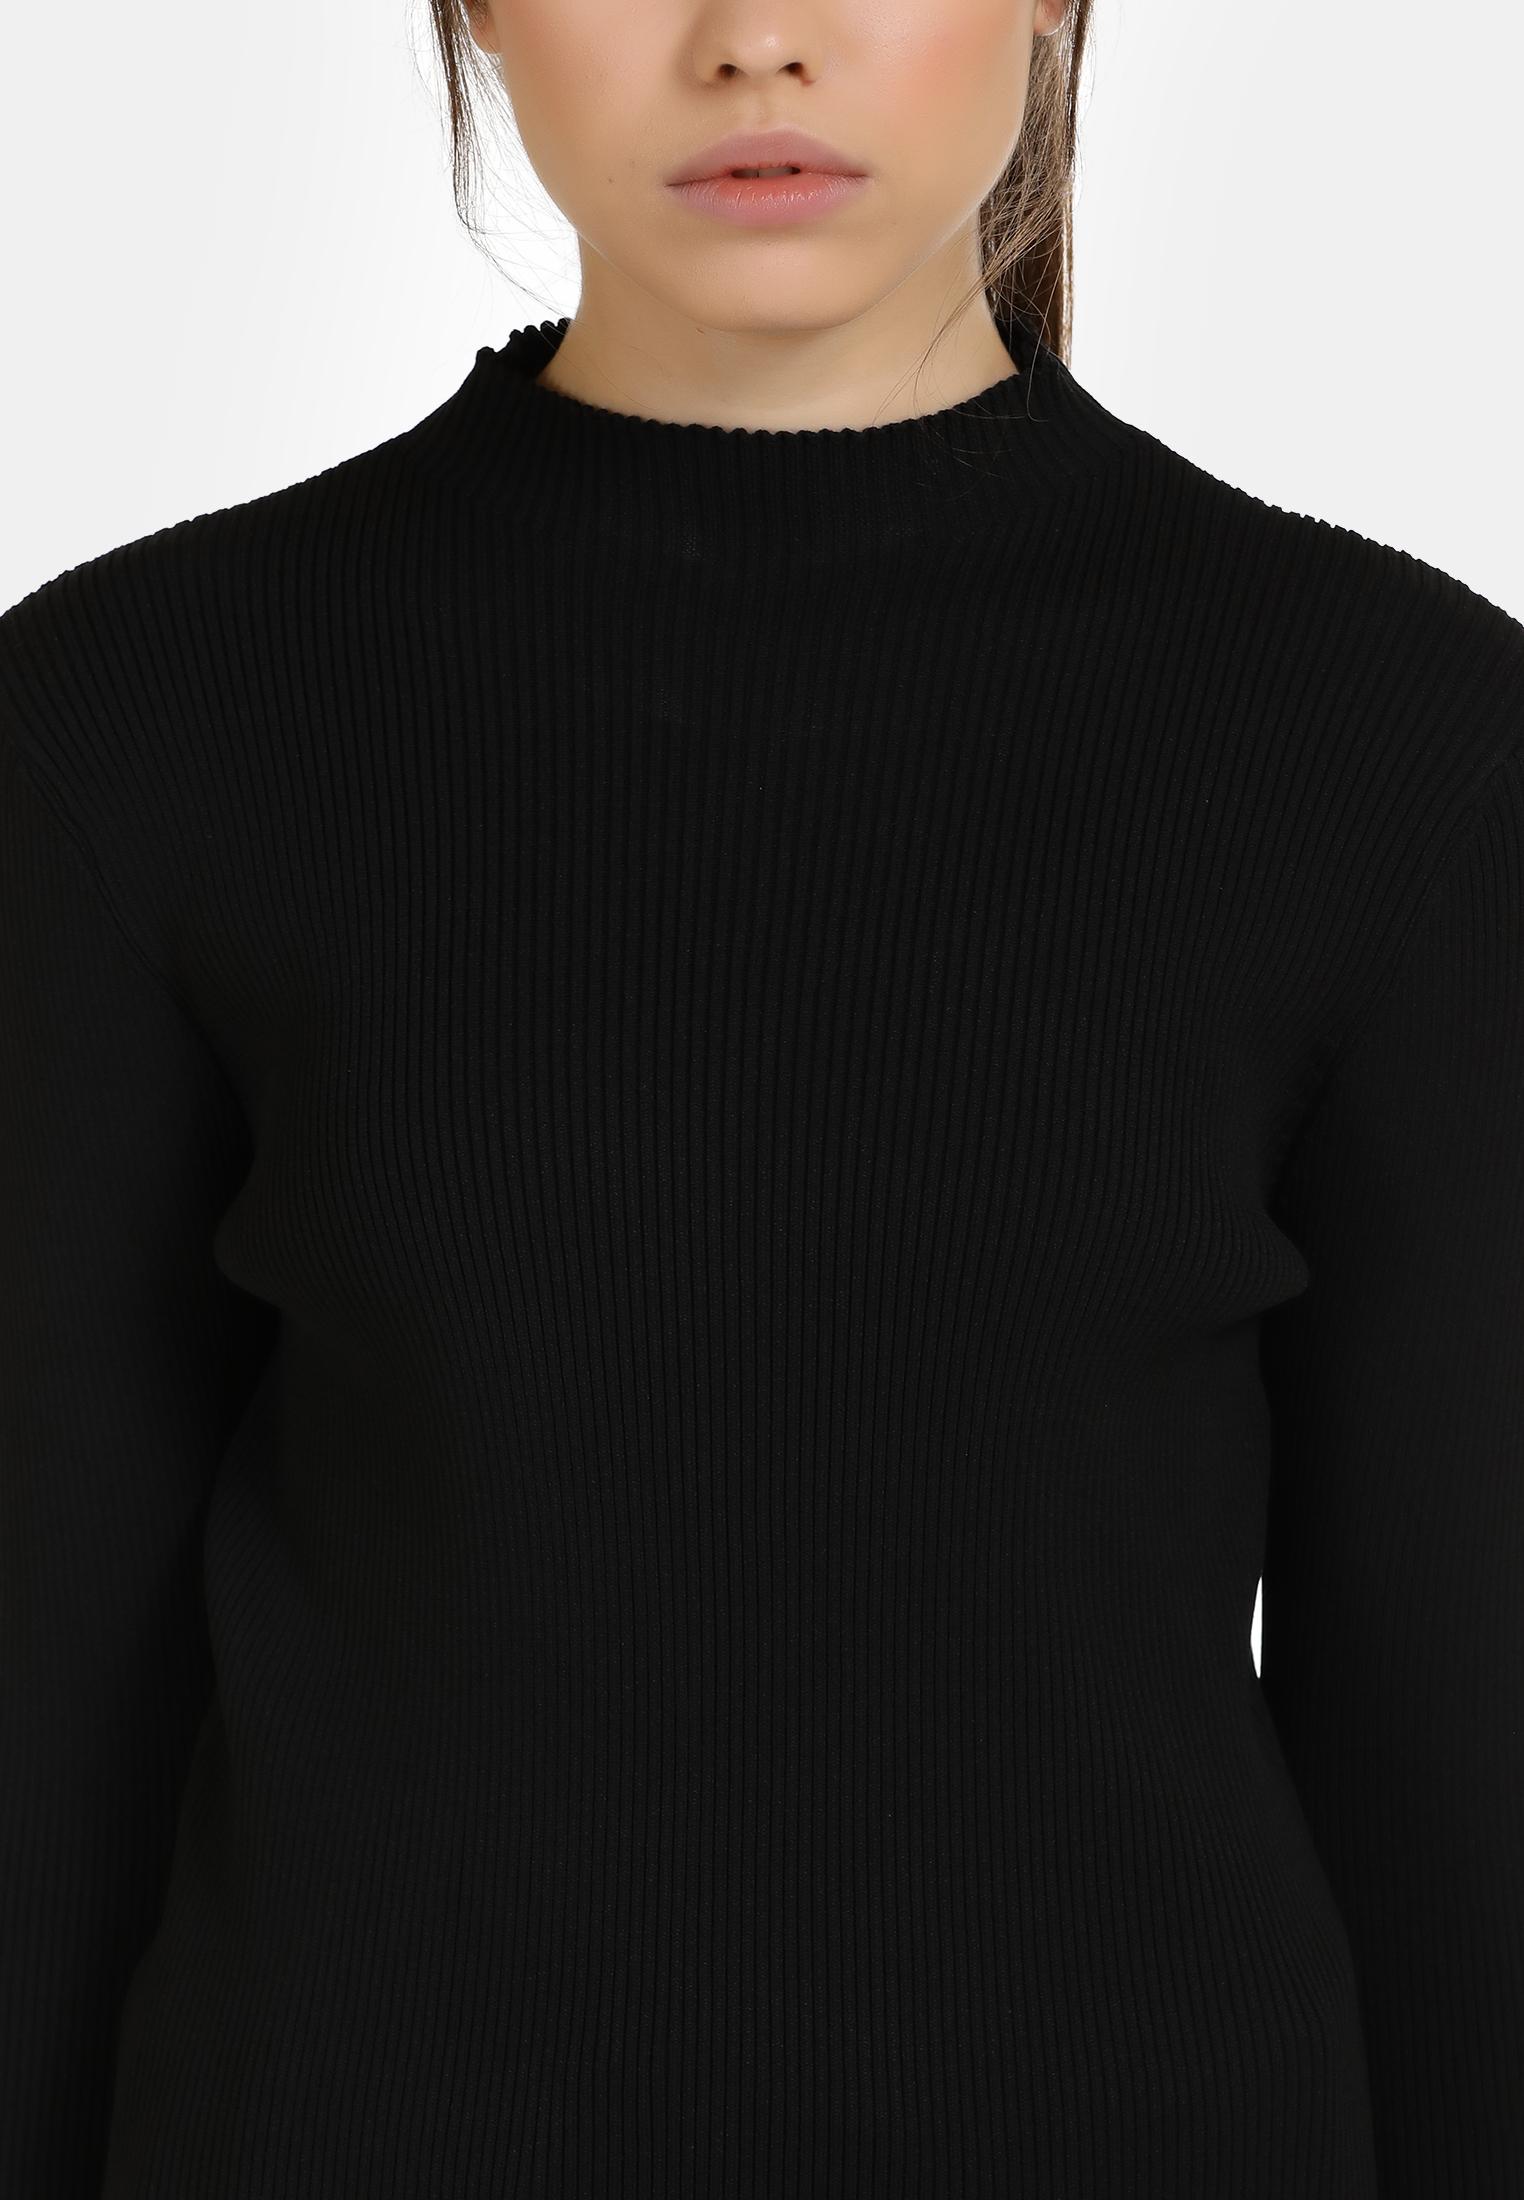 MyMO ATHLSR Pullover in schwarz günstig kaufen